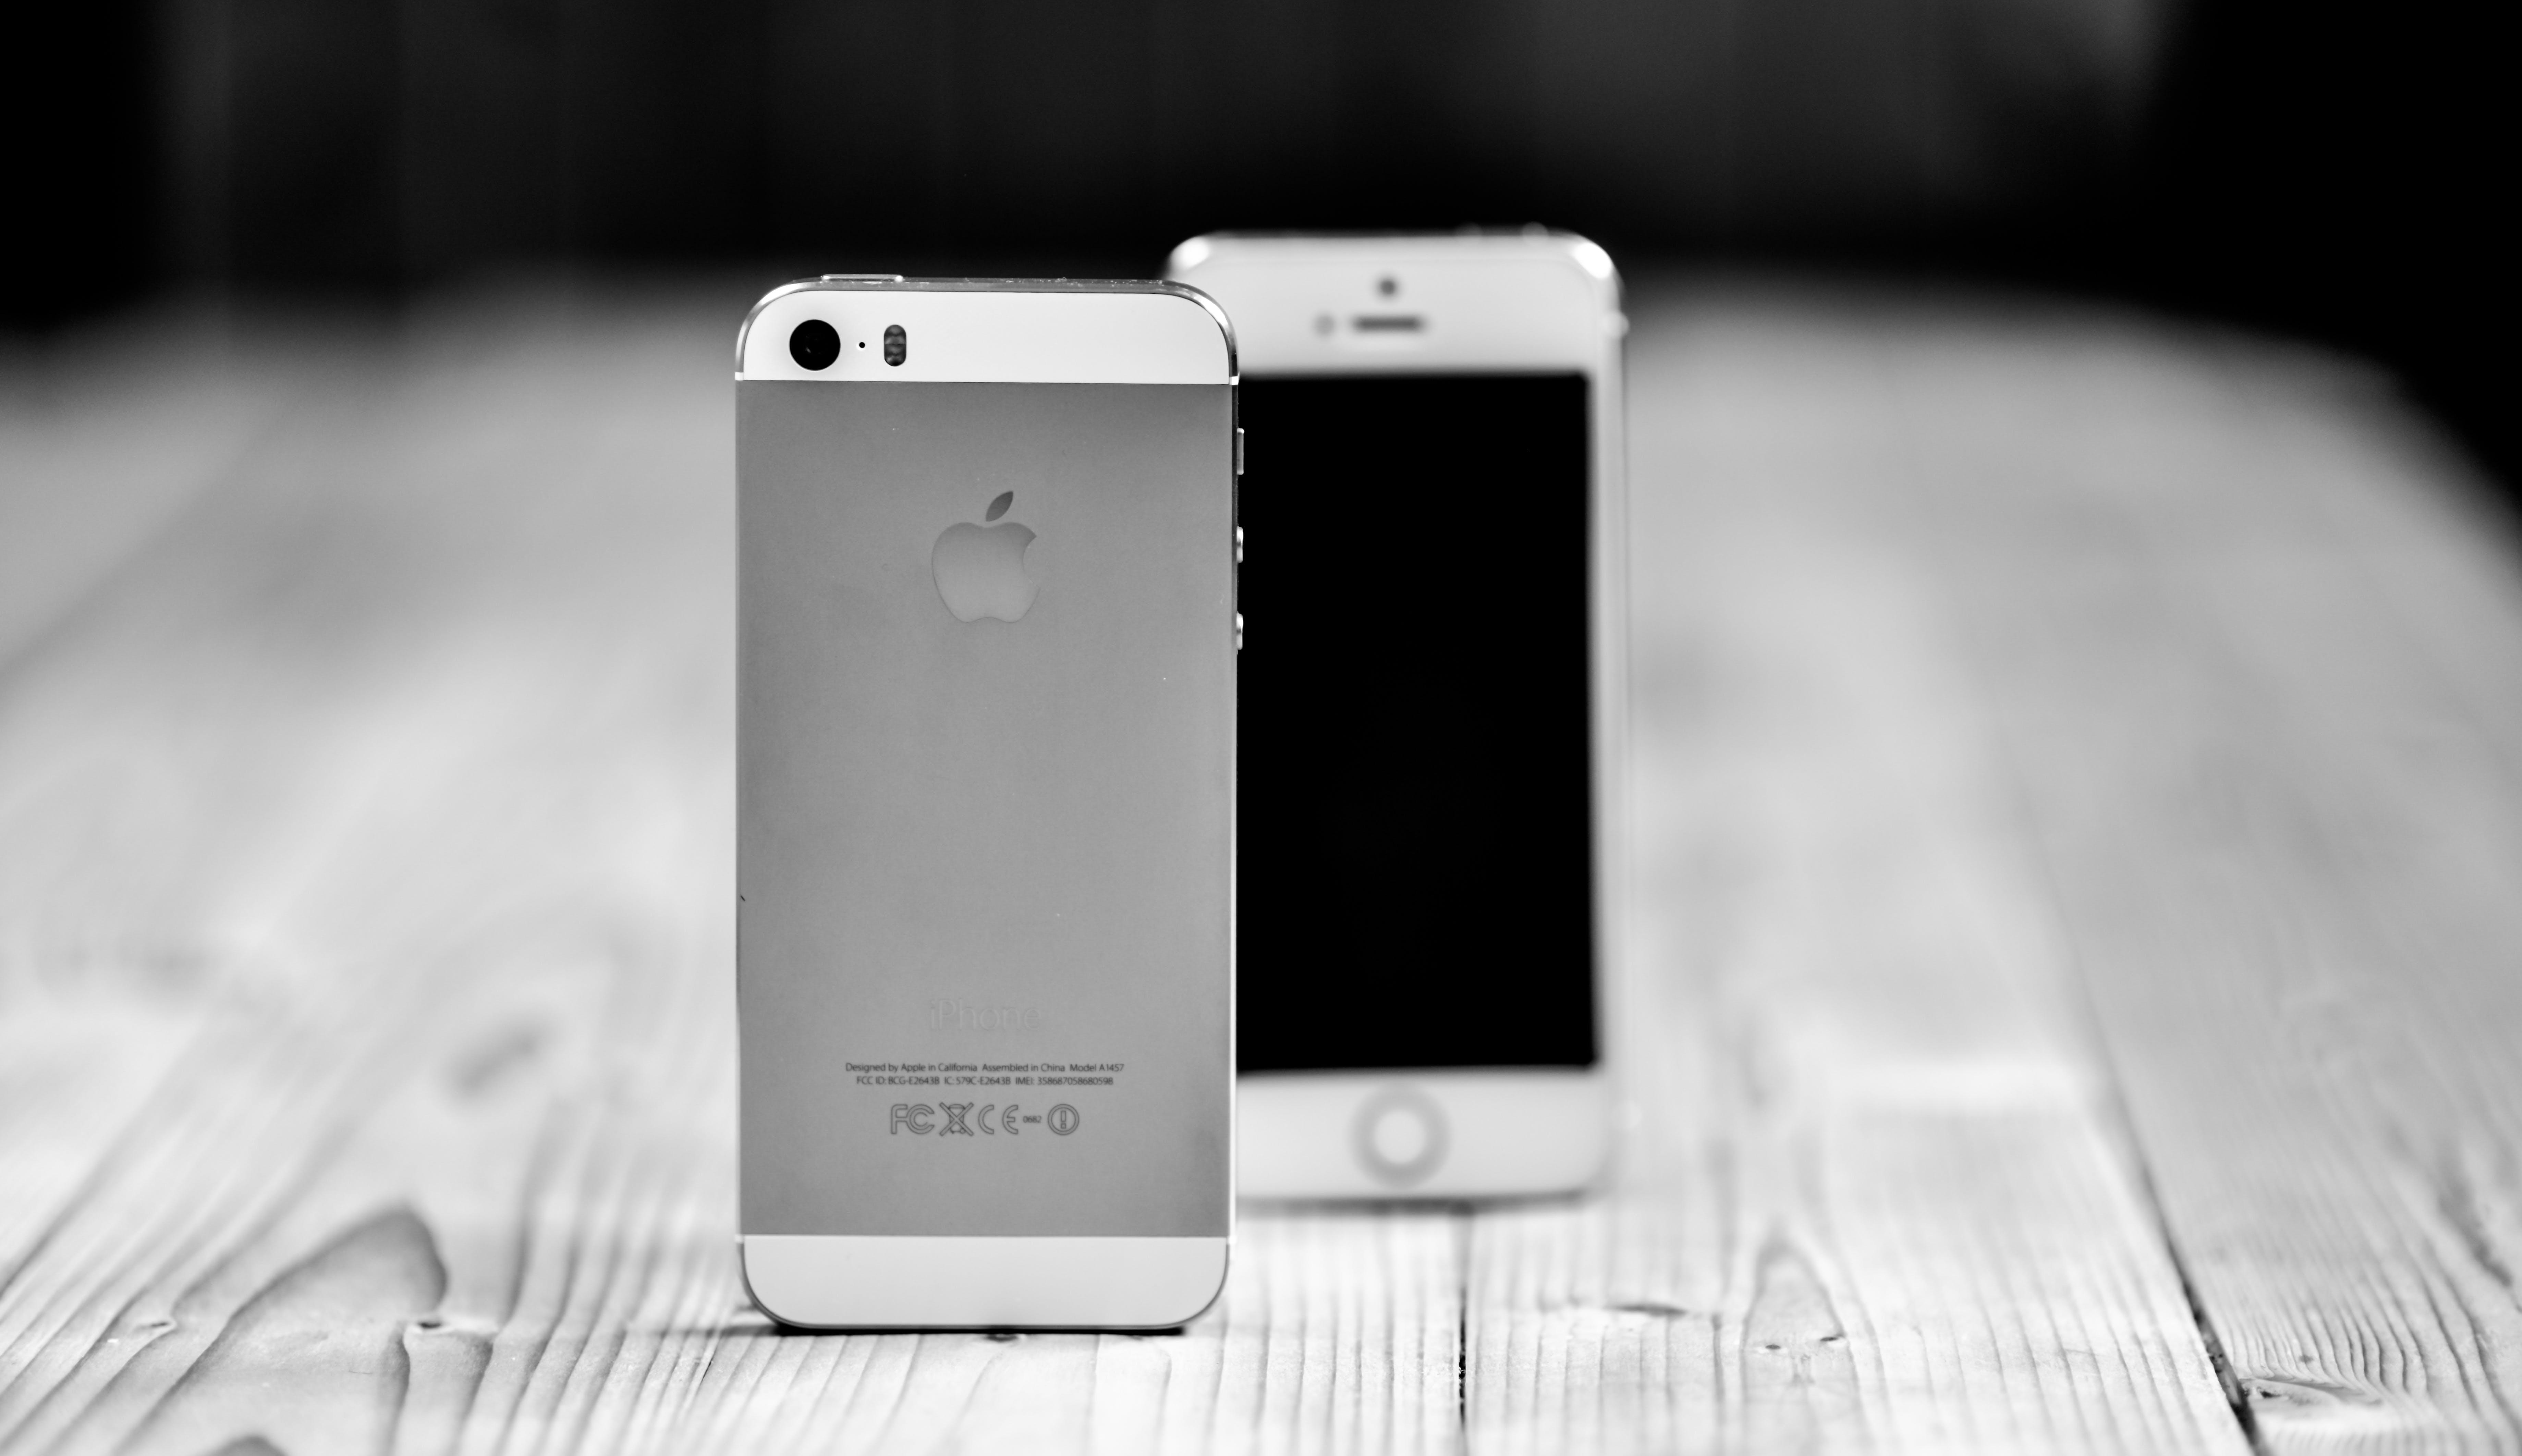 Fotos de stock gratuitas de adentro, apple, blanco y negro, concentrarse